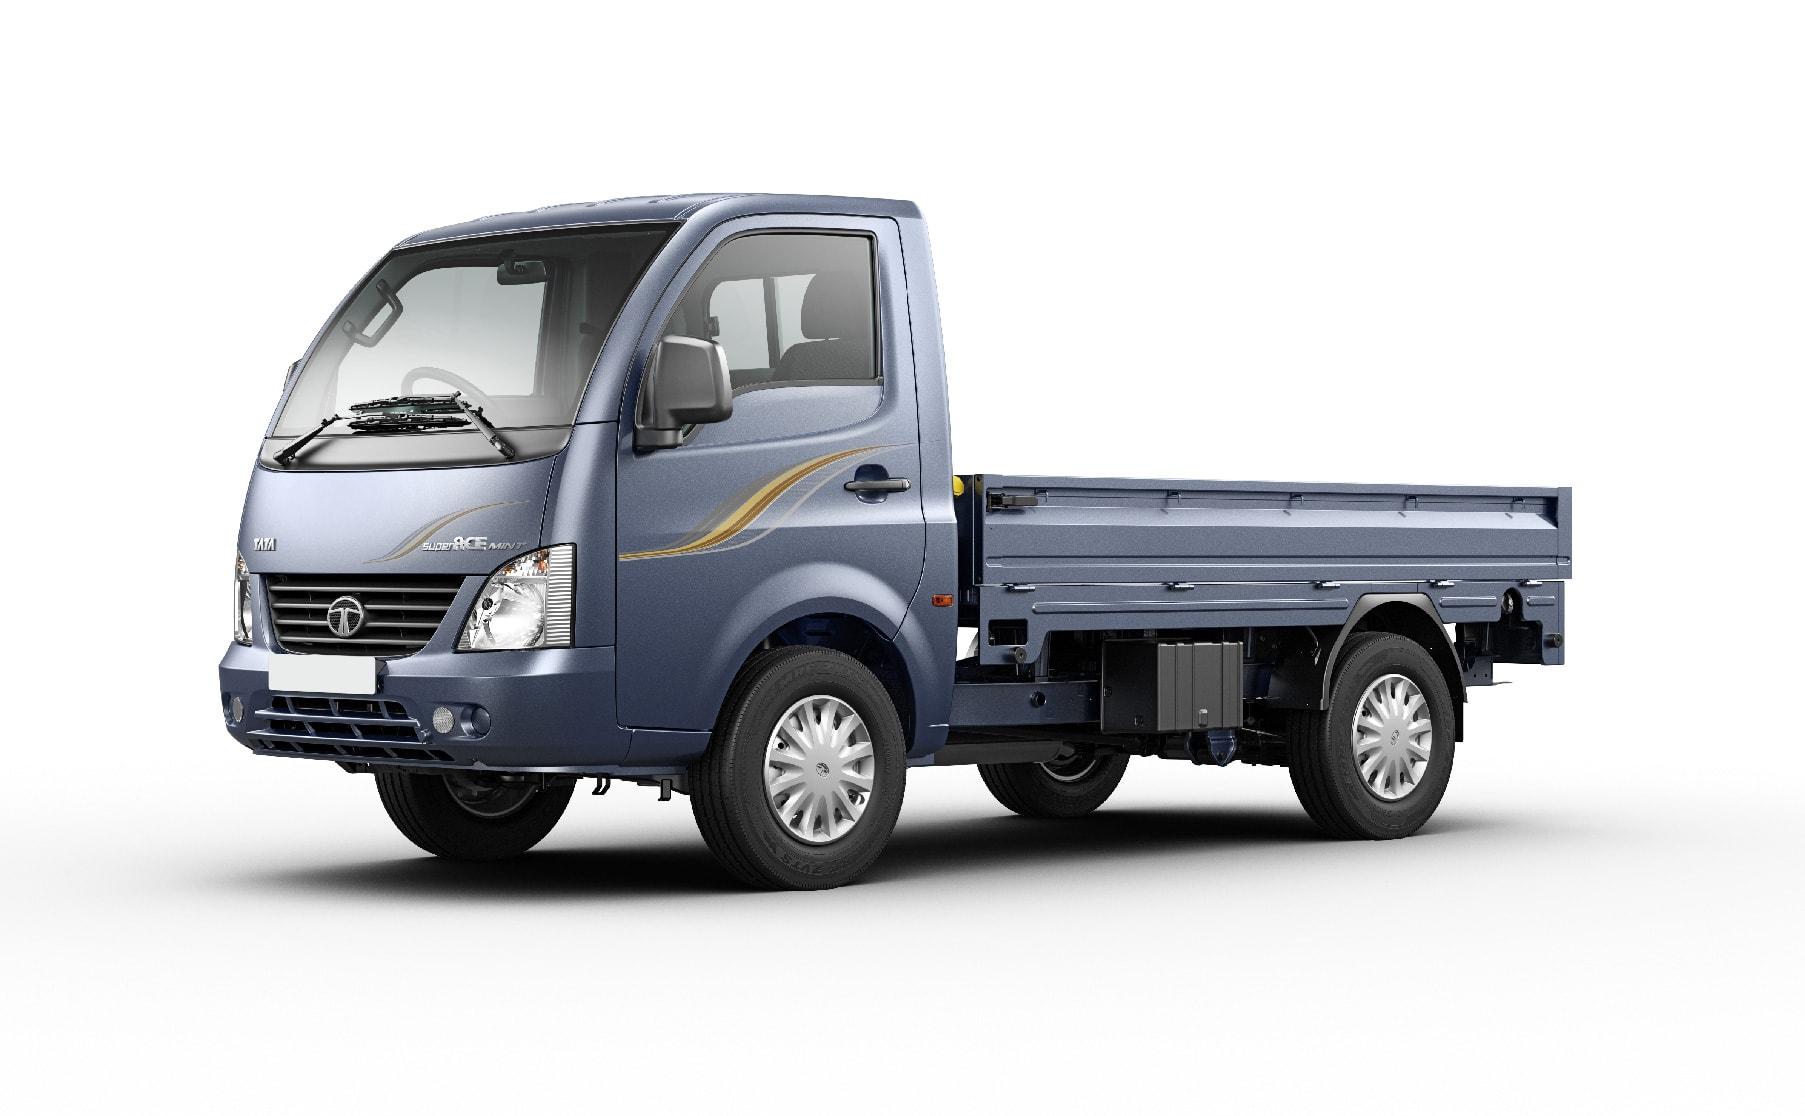 รีวิวรถบรรทุกขนาดเล็ก TATA ซูเปอร์ เอซ มินต์-06